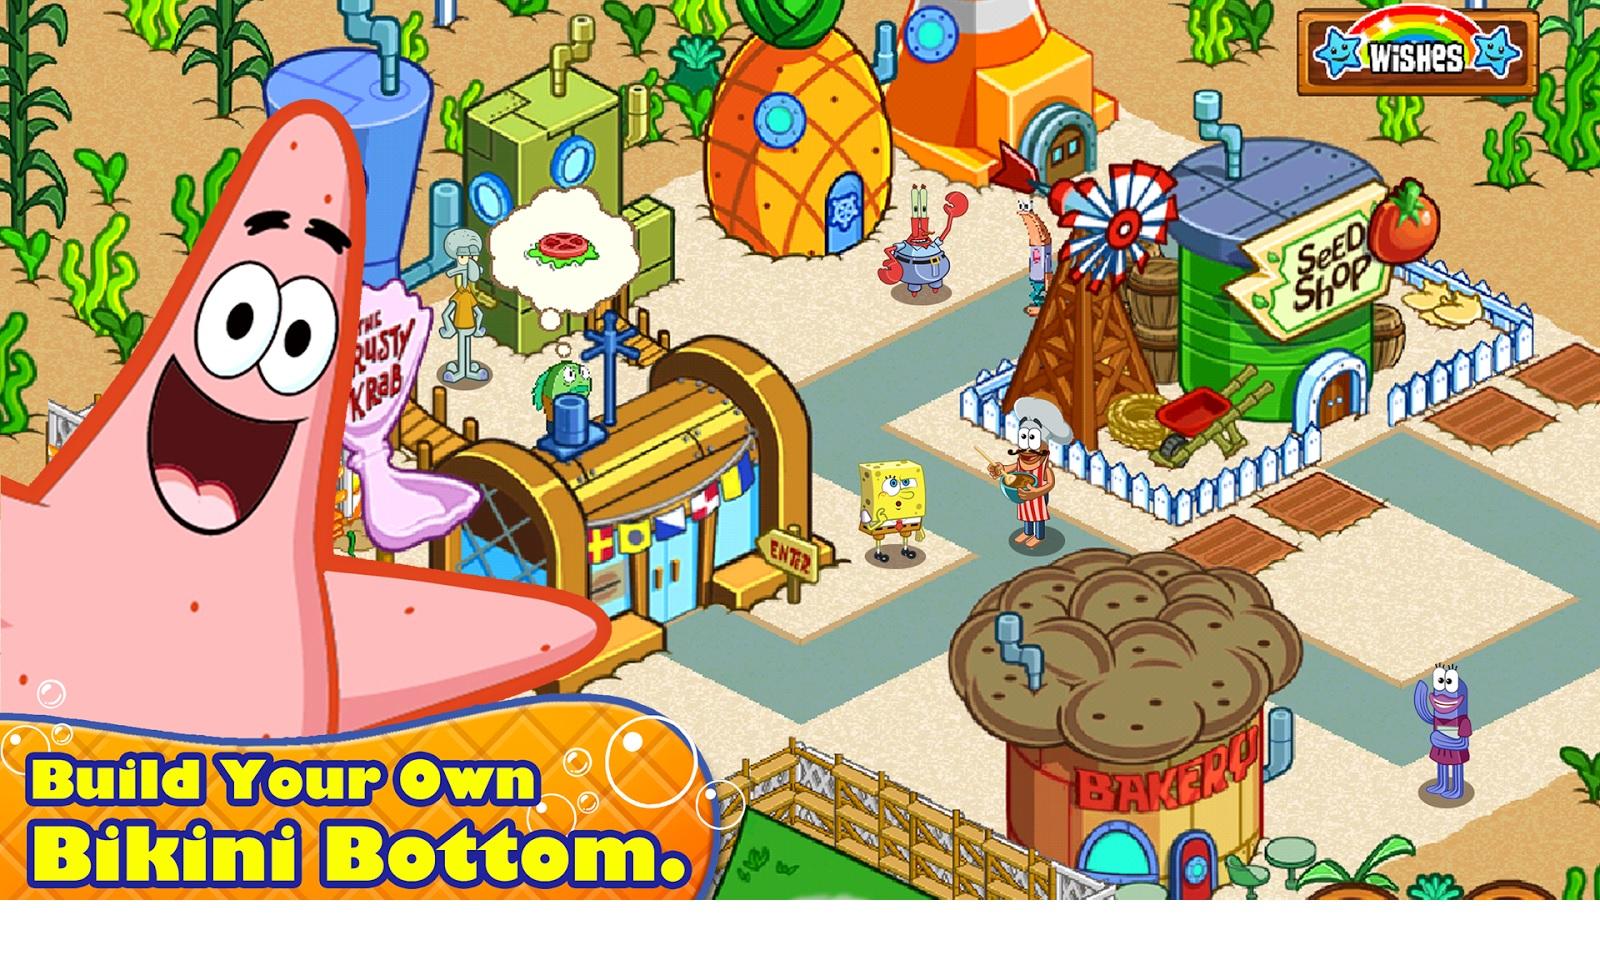 صور من داخل لعبة سبونج بوب SpongeBob - يظهر في الصورة (بسيط)